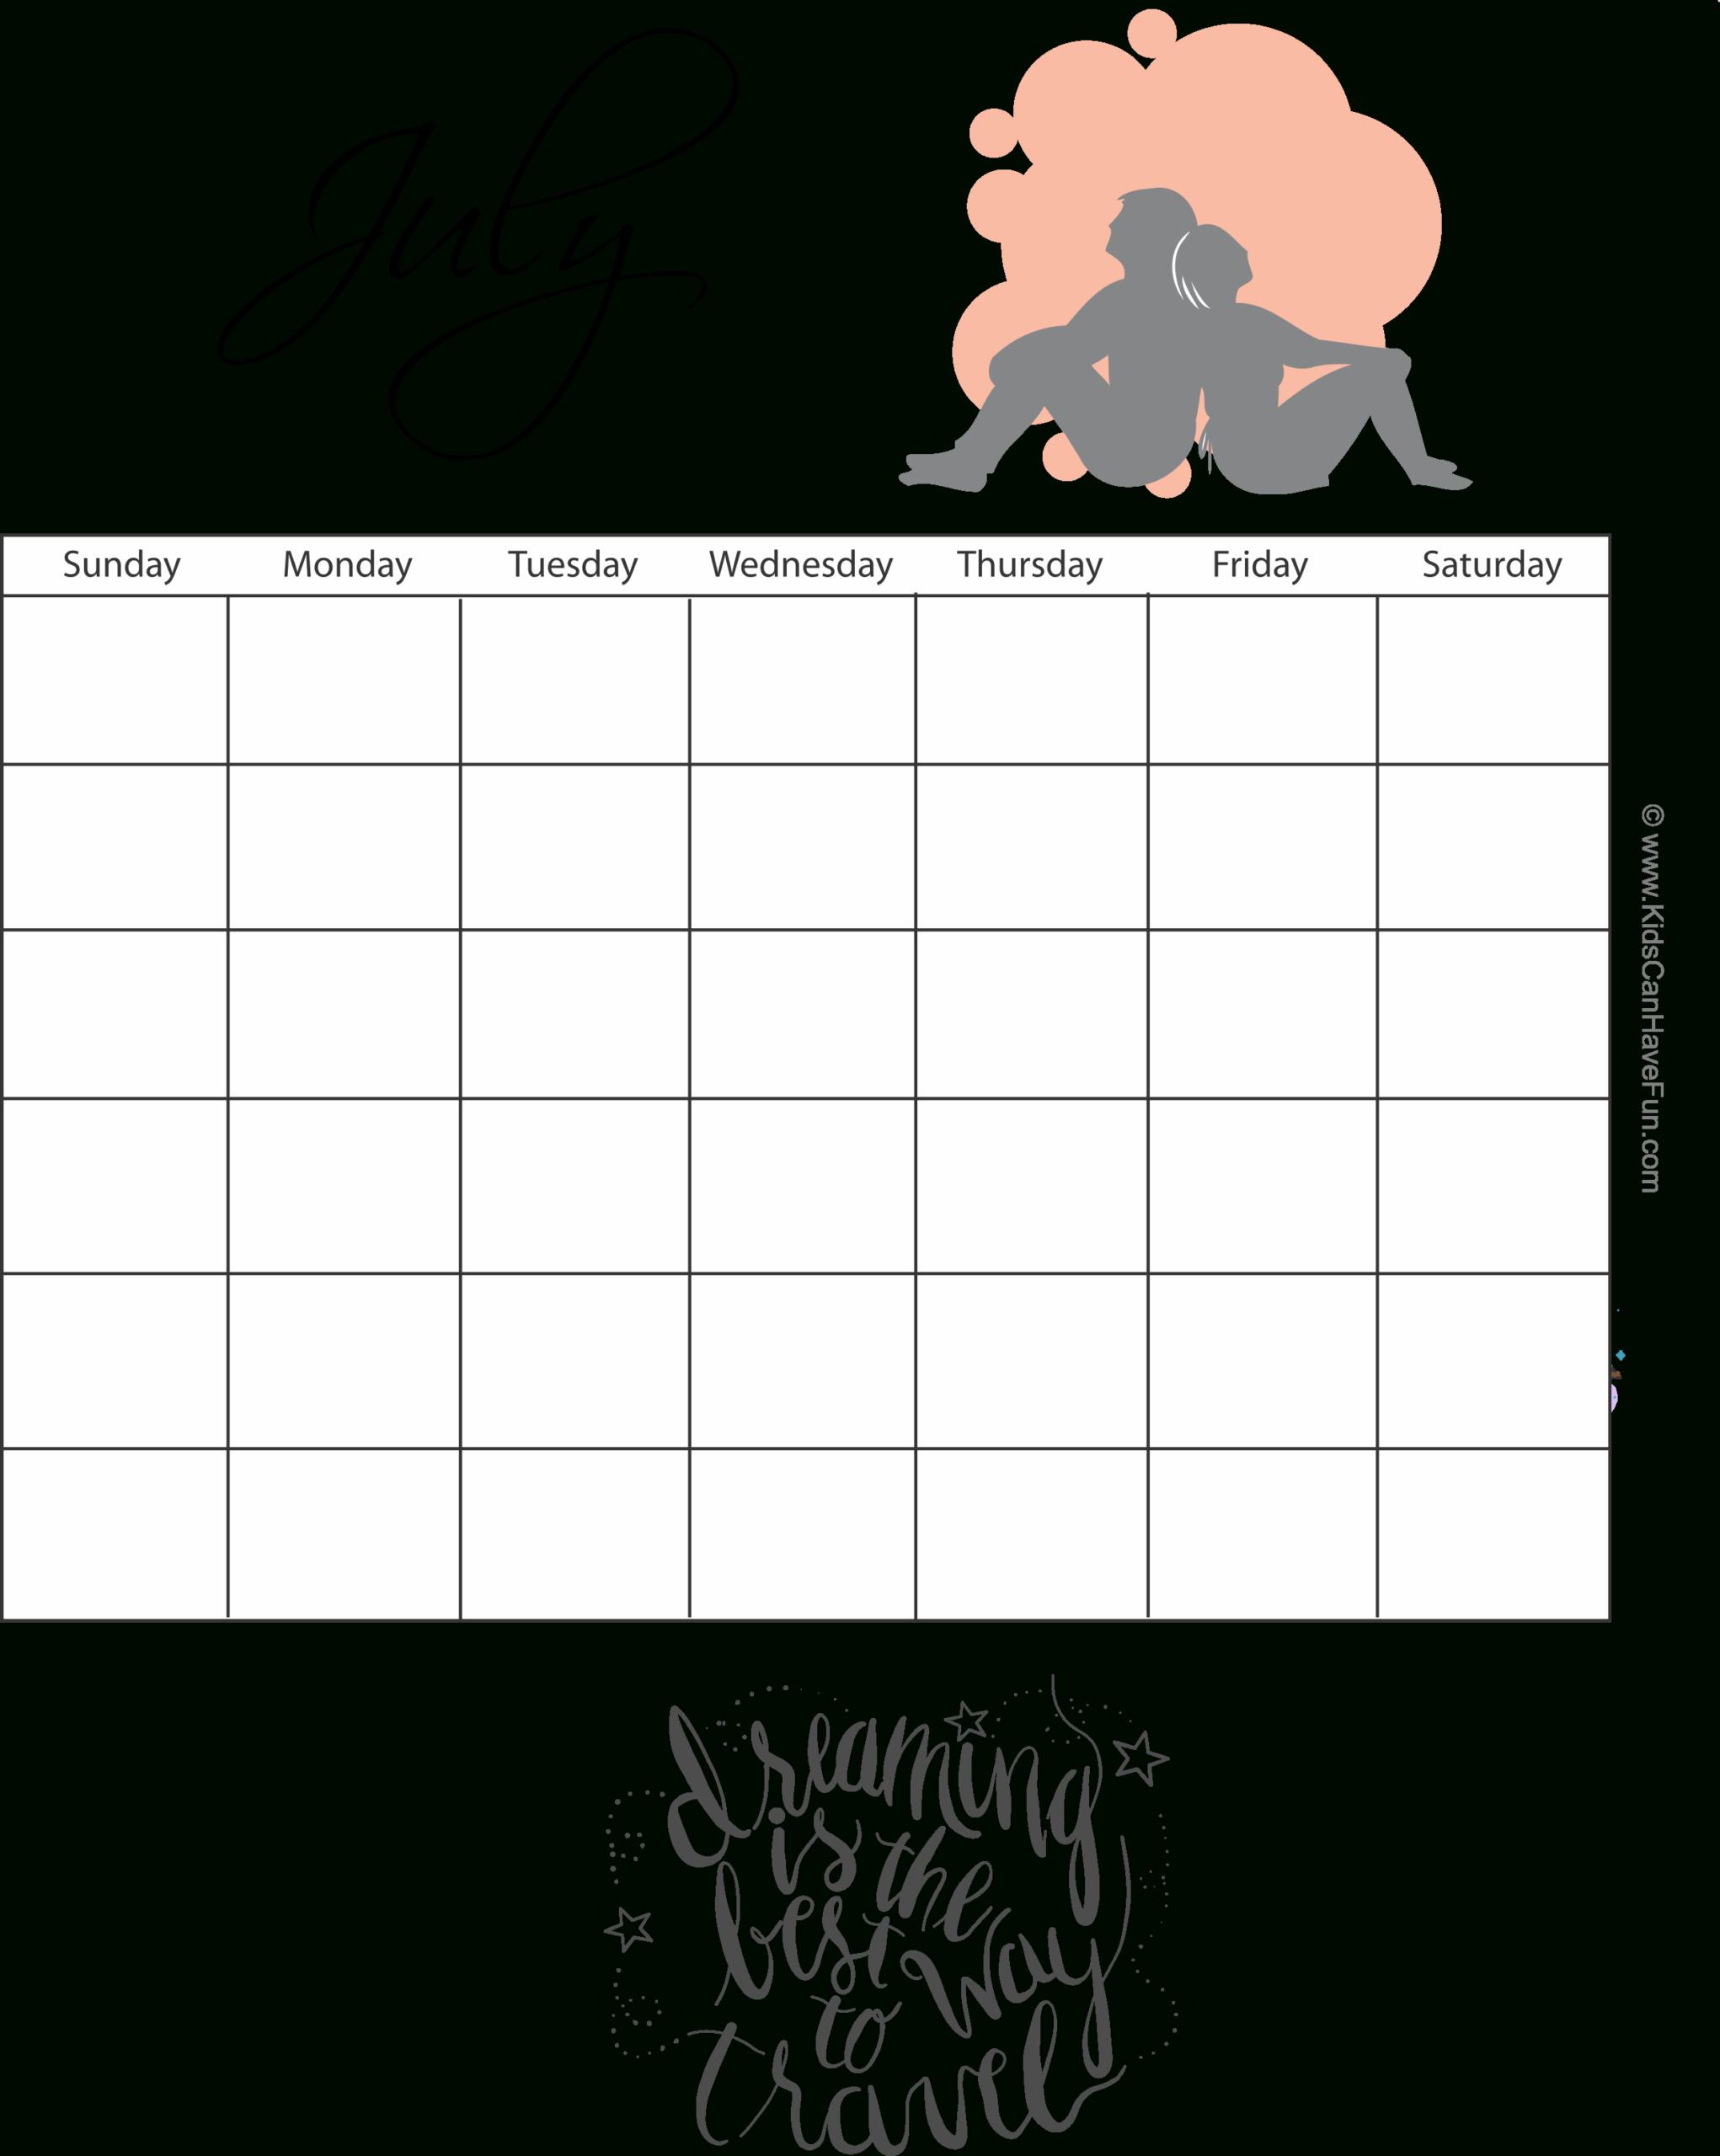 July Monthly Calendar Http://Www.kidscanhavefun